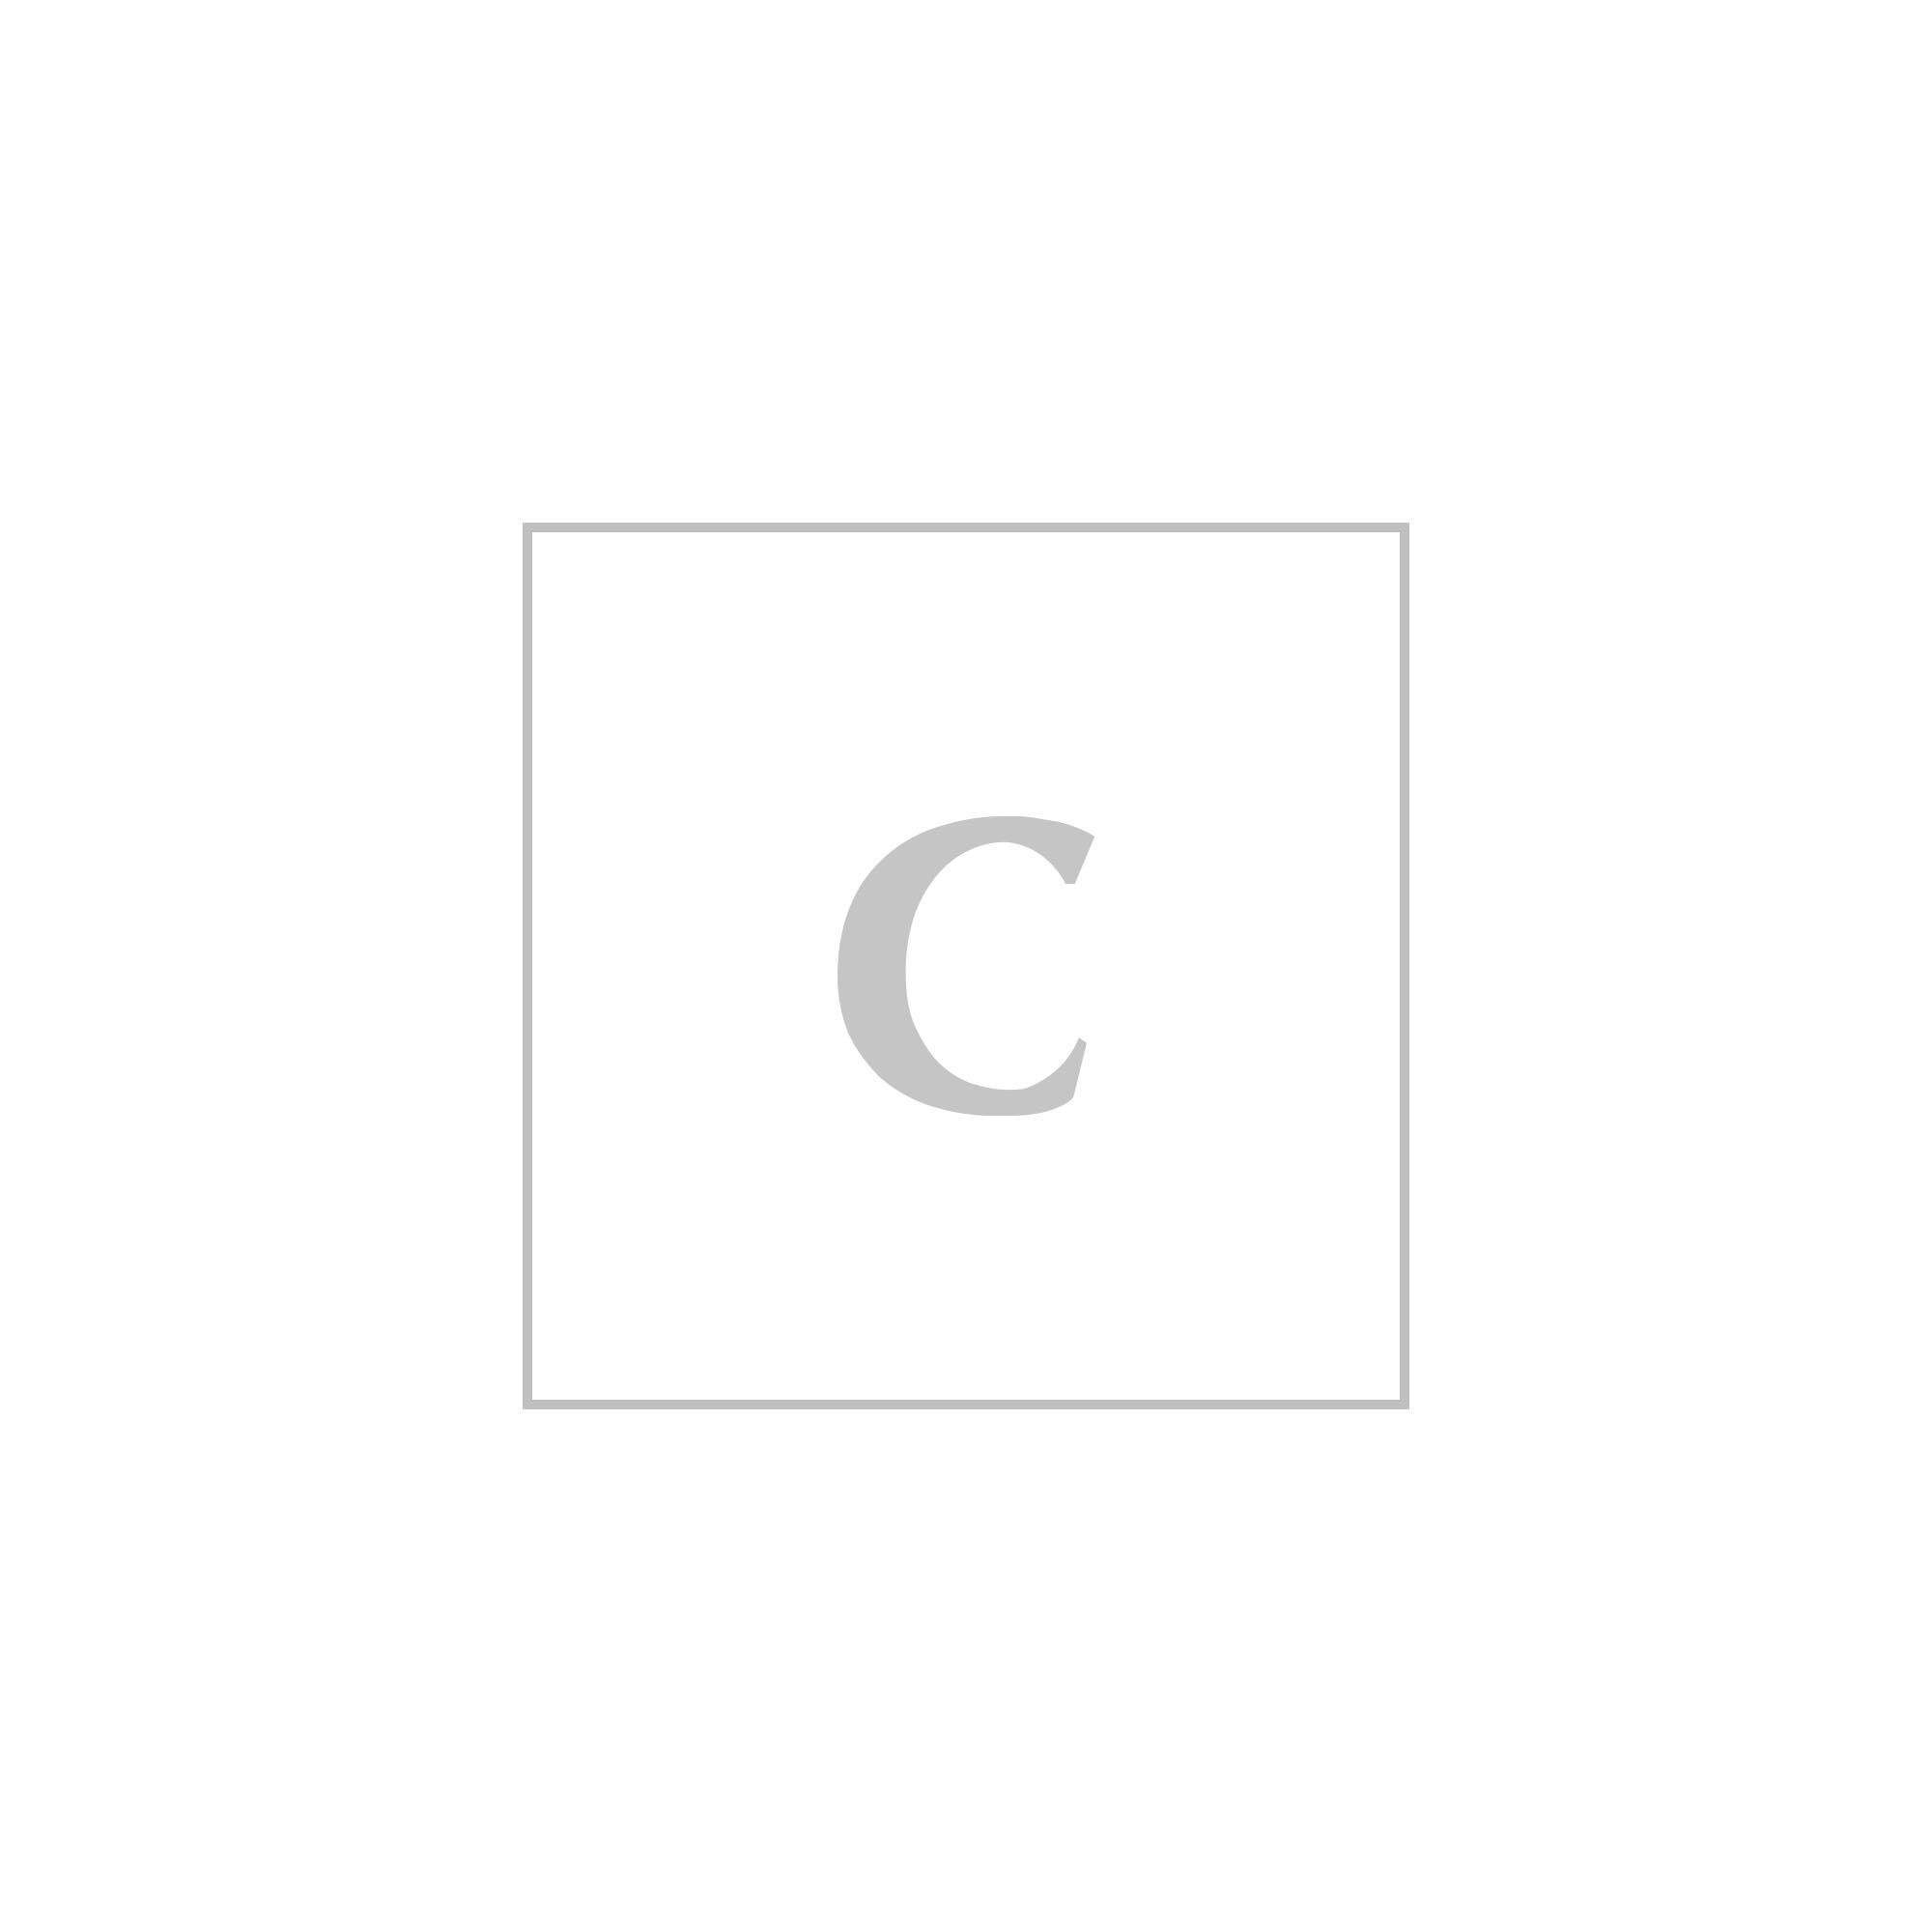 Dolce & gabbana grain calfskin shopping bag